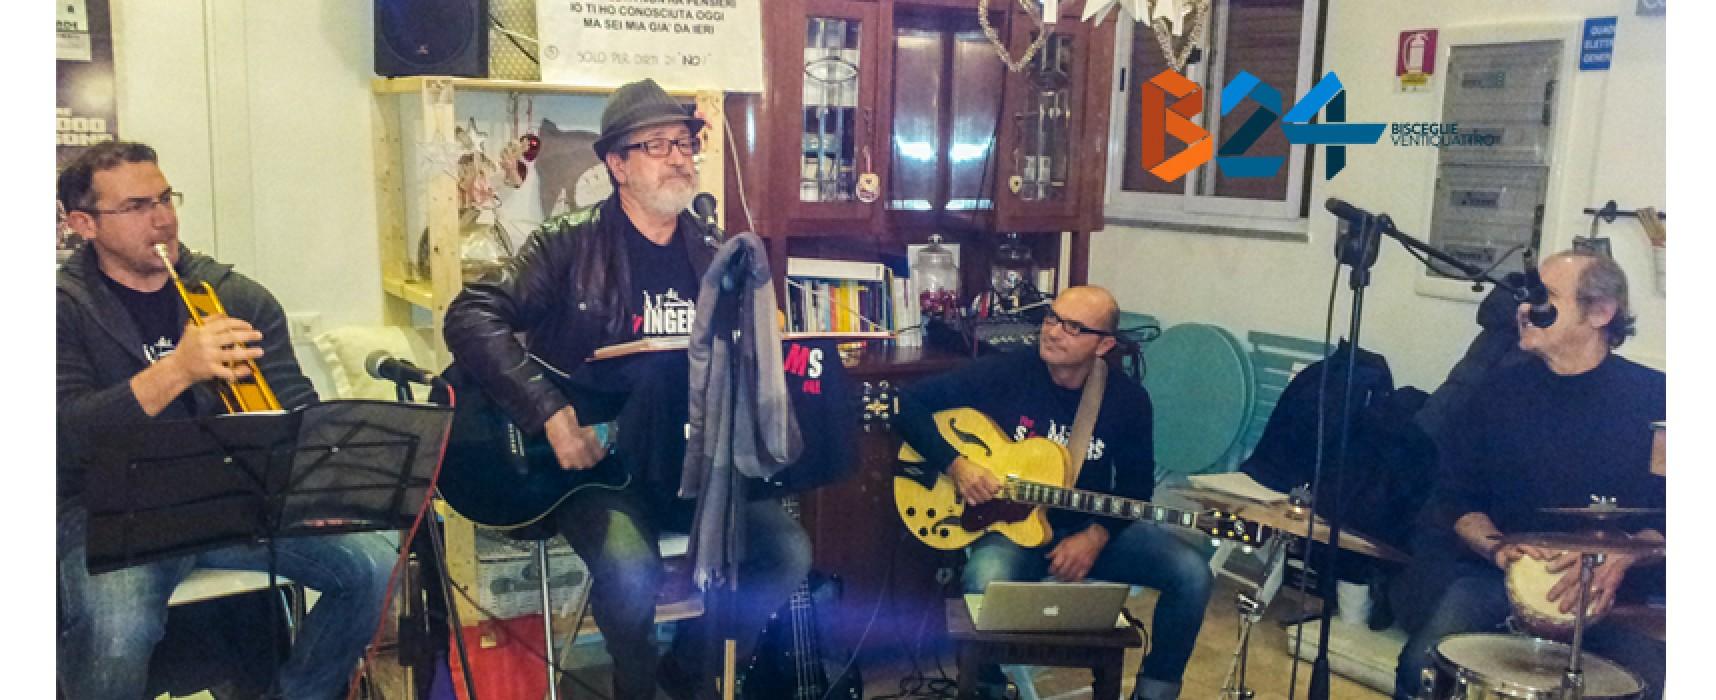 """""""The Swingers"""" travolgenti al Vesparossa, la band biscegliese appassiona e diverte"""